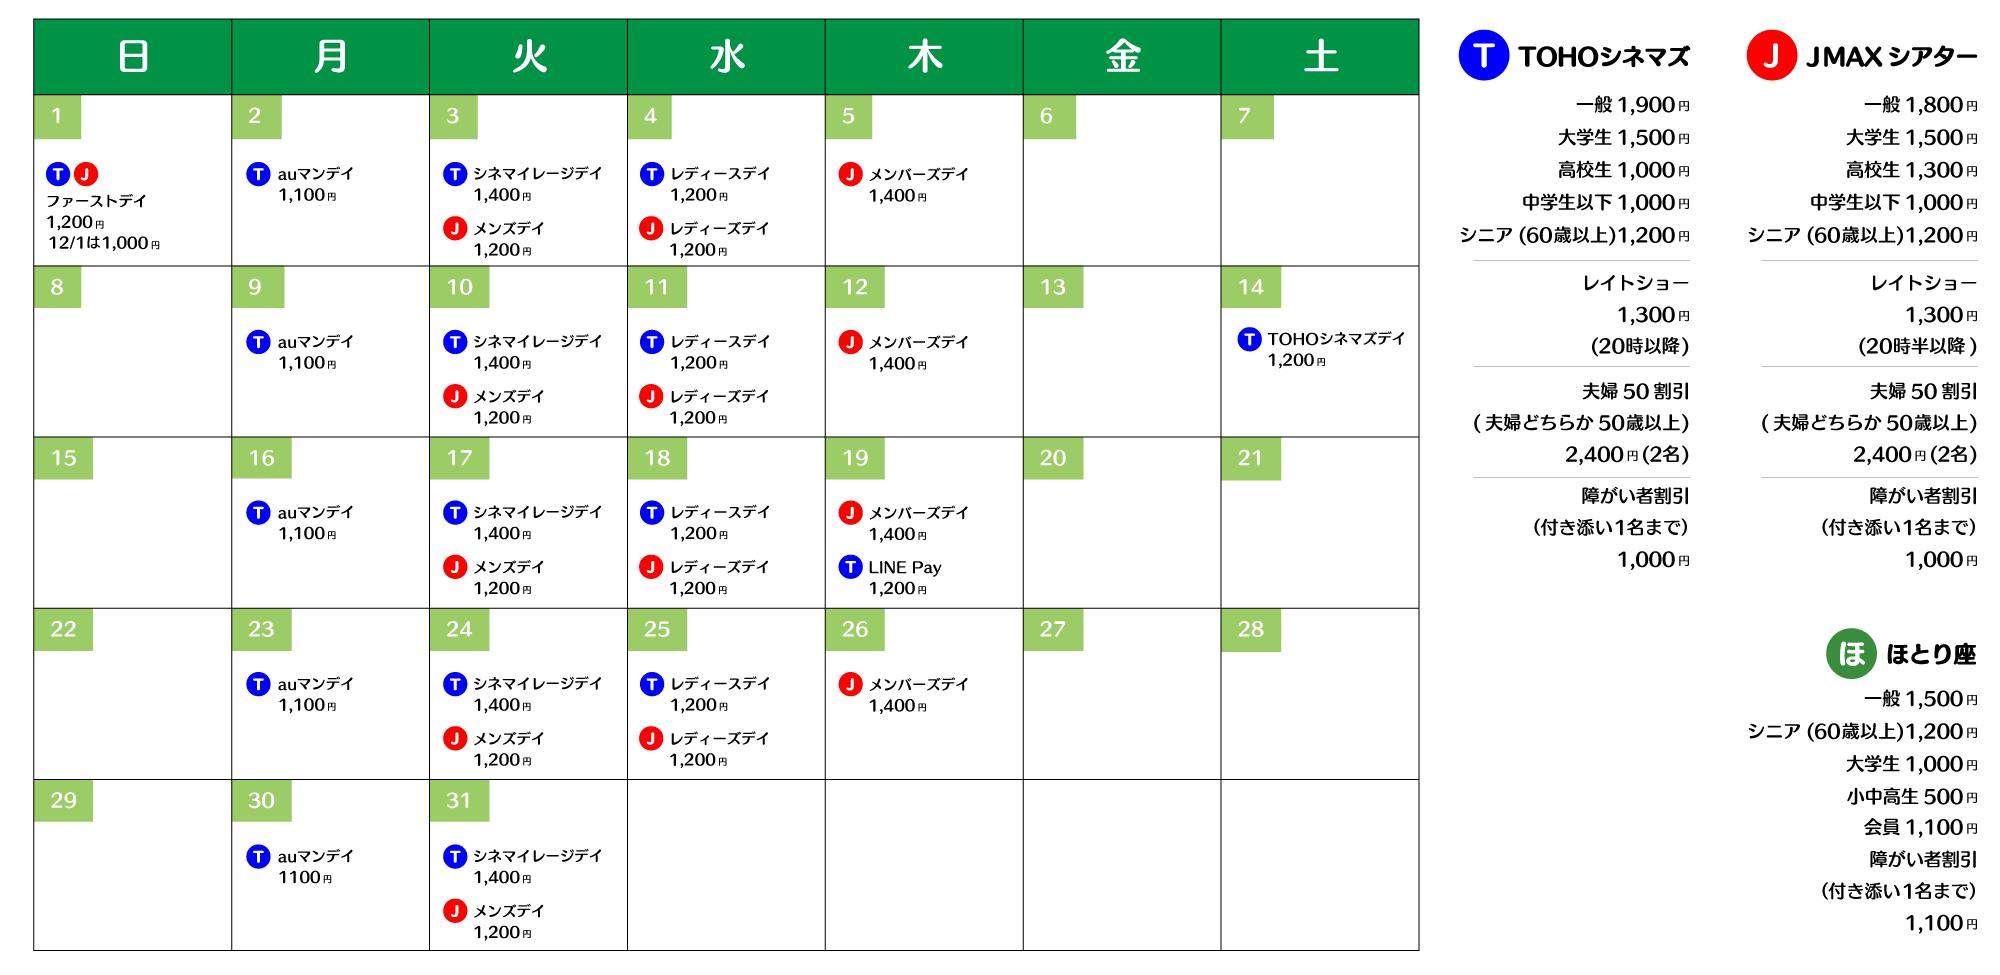 富山県の映画館の割引料金一覧カレンダー(2020年5月更新)